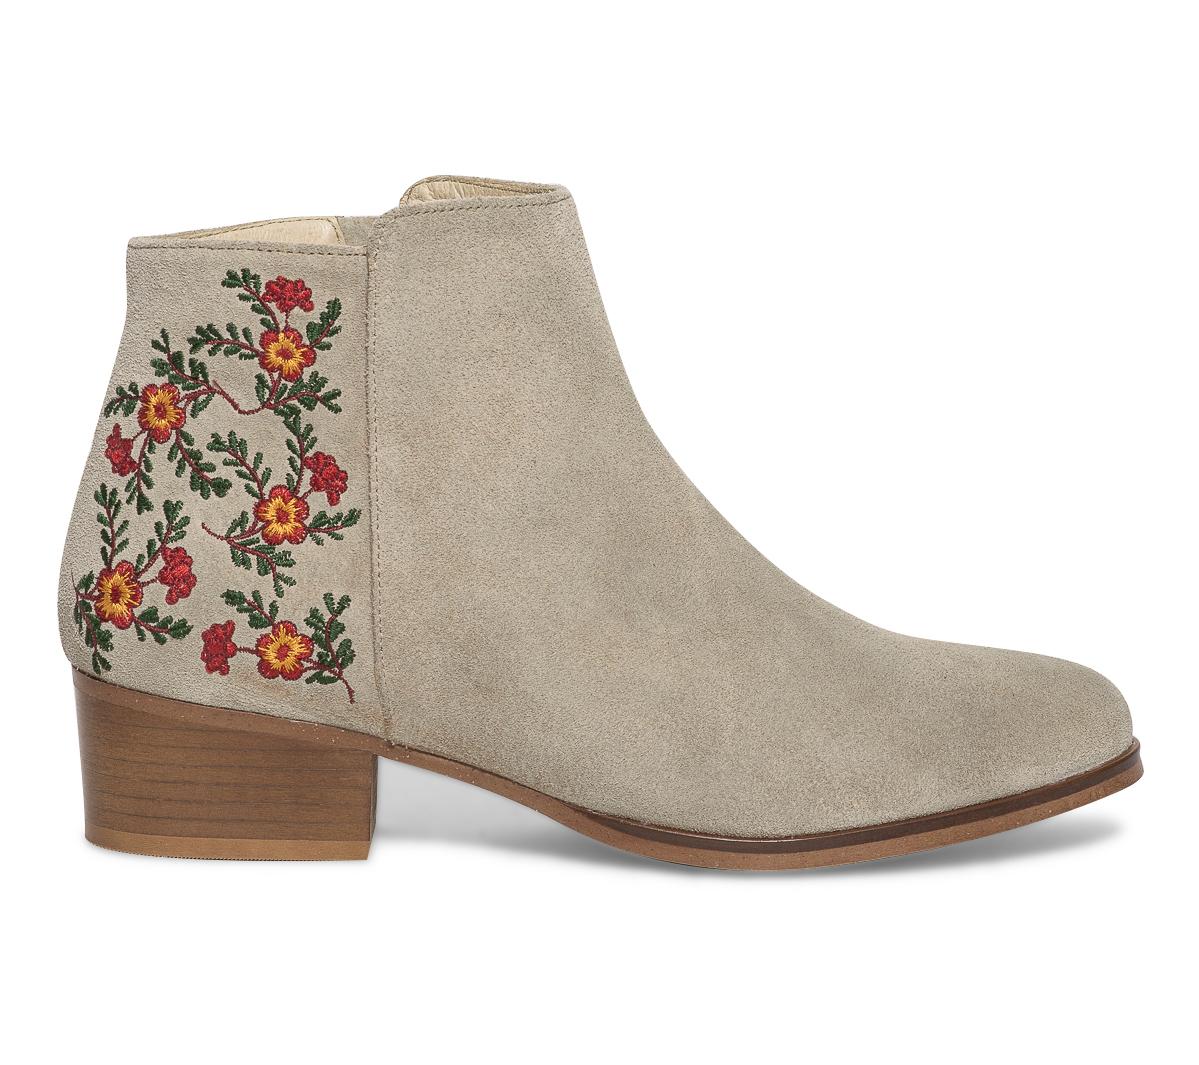 Eram Boots Boots Beige Fleurs Eram Beige Broderies Nnvwym80O